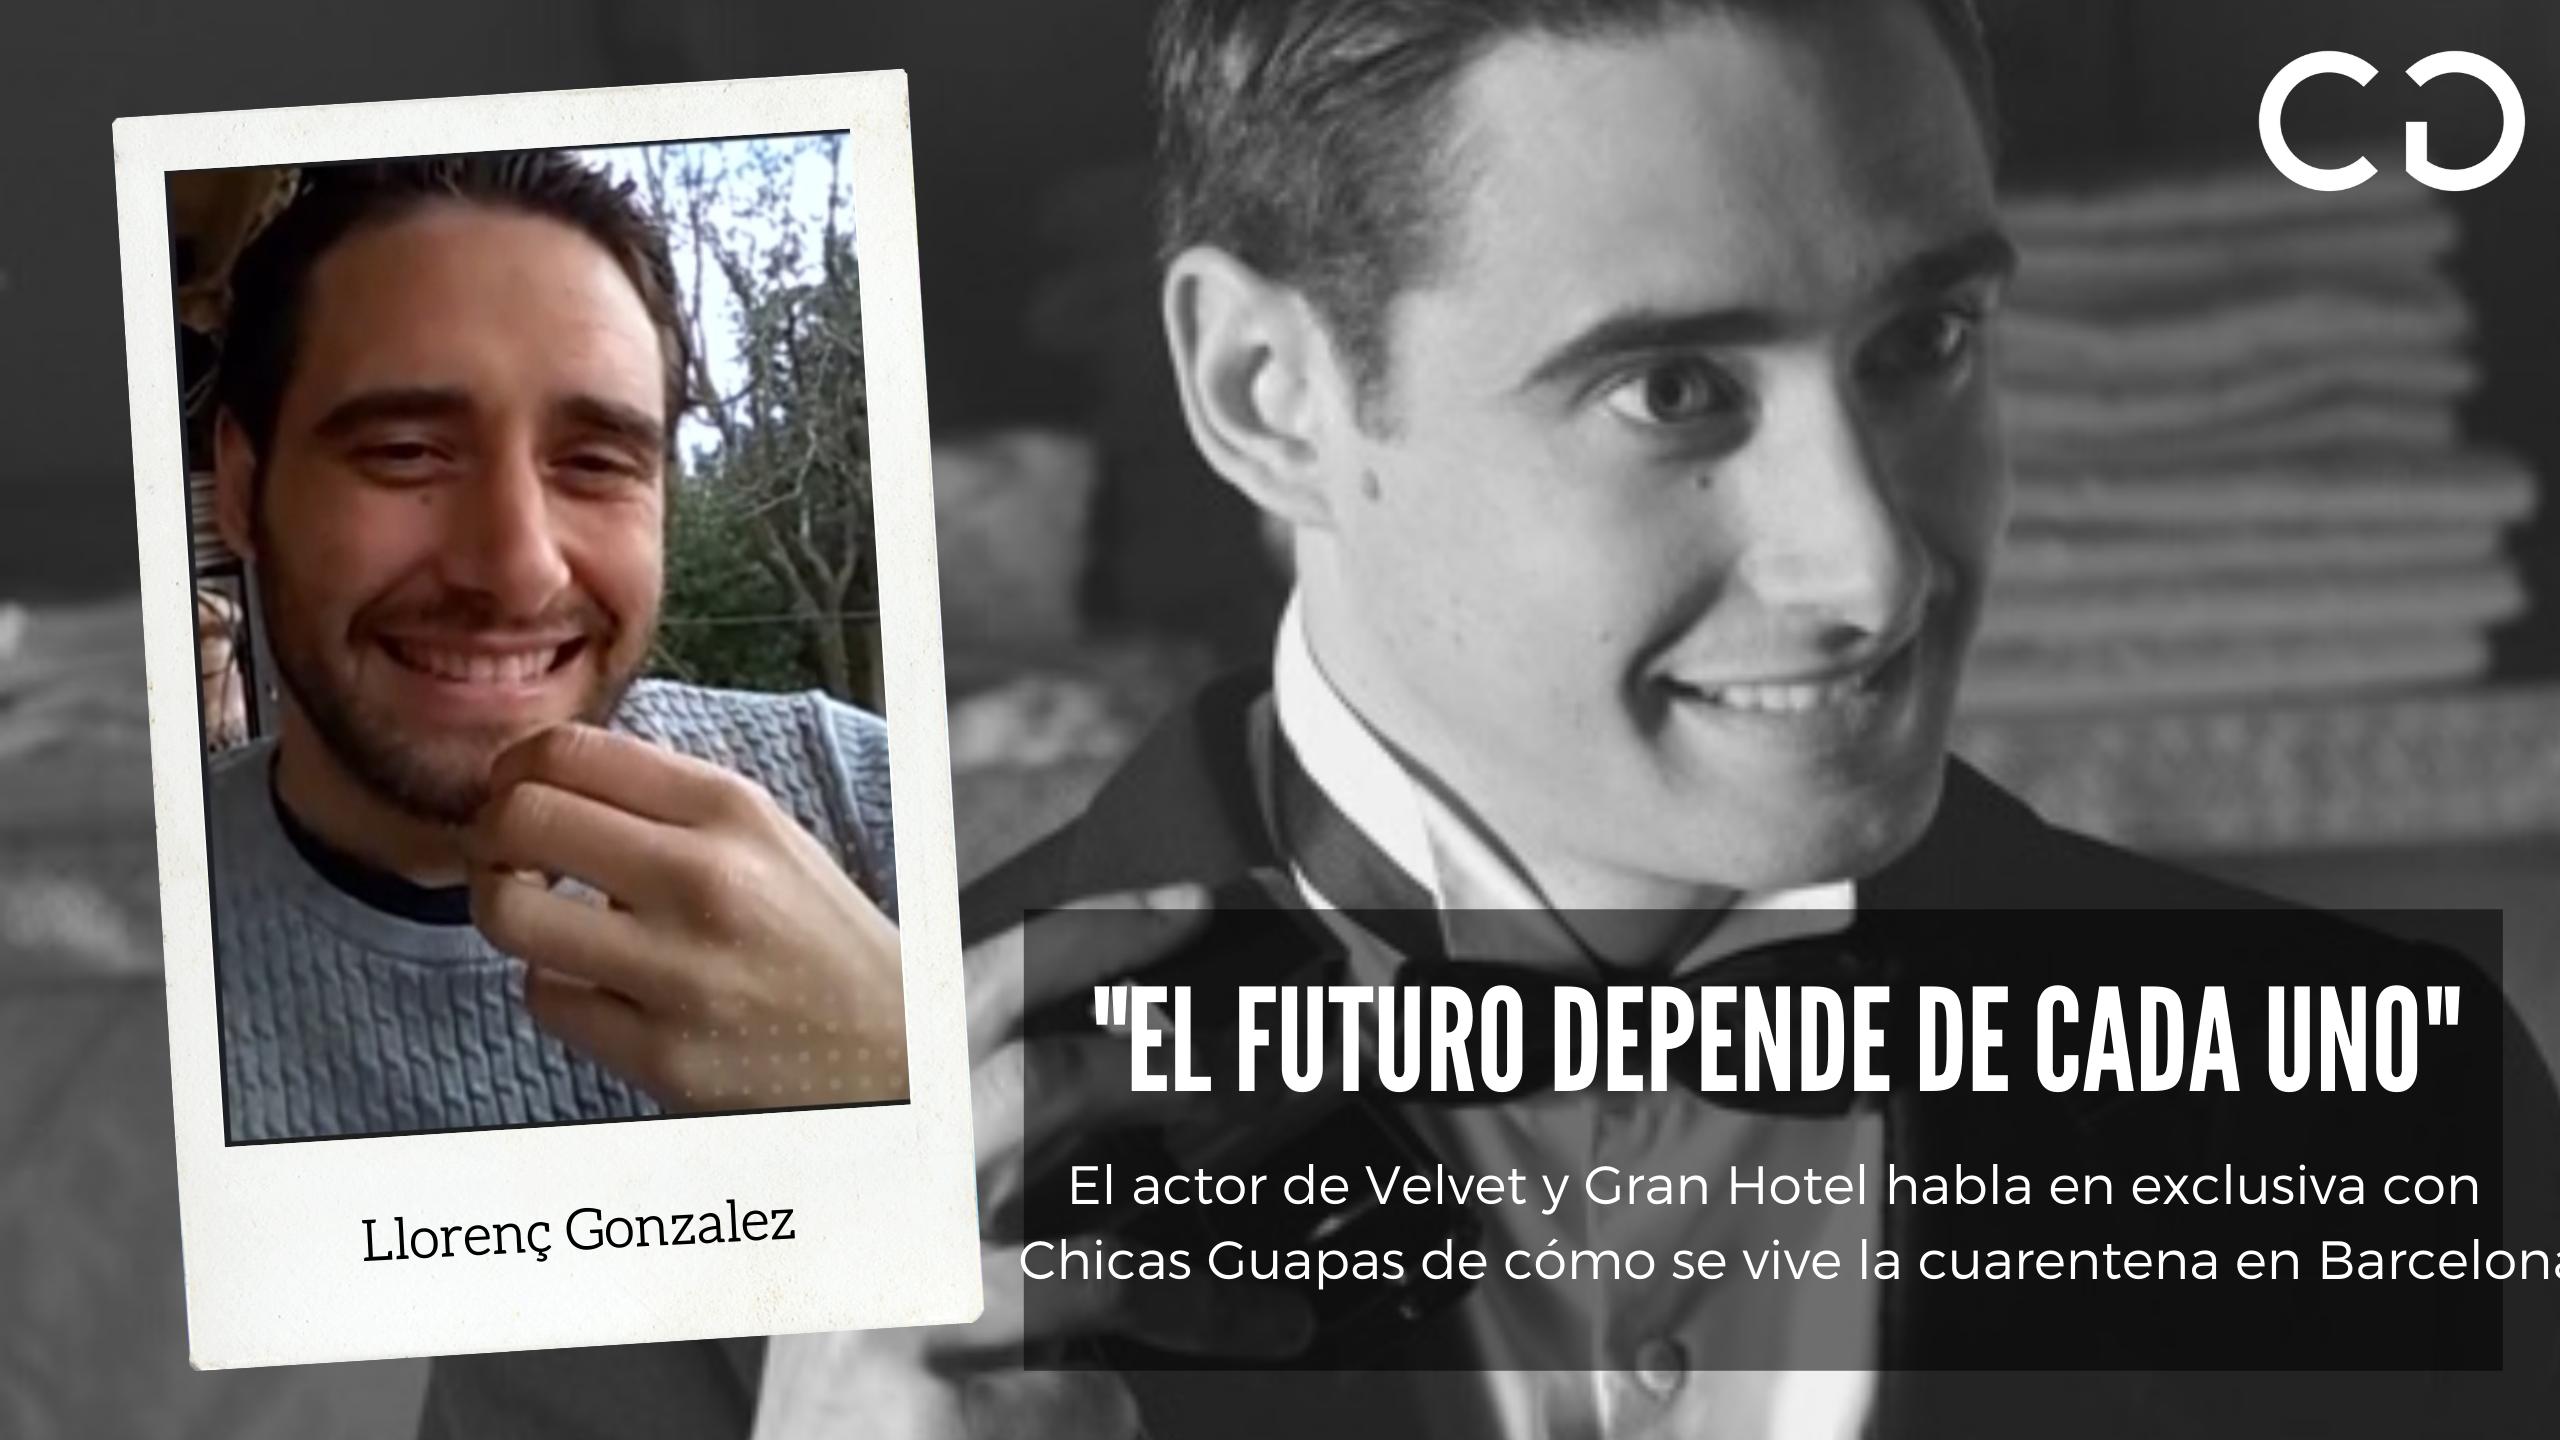 Reviví el programa 14 con Llorenç González, Ricardo Montaner y más